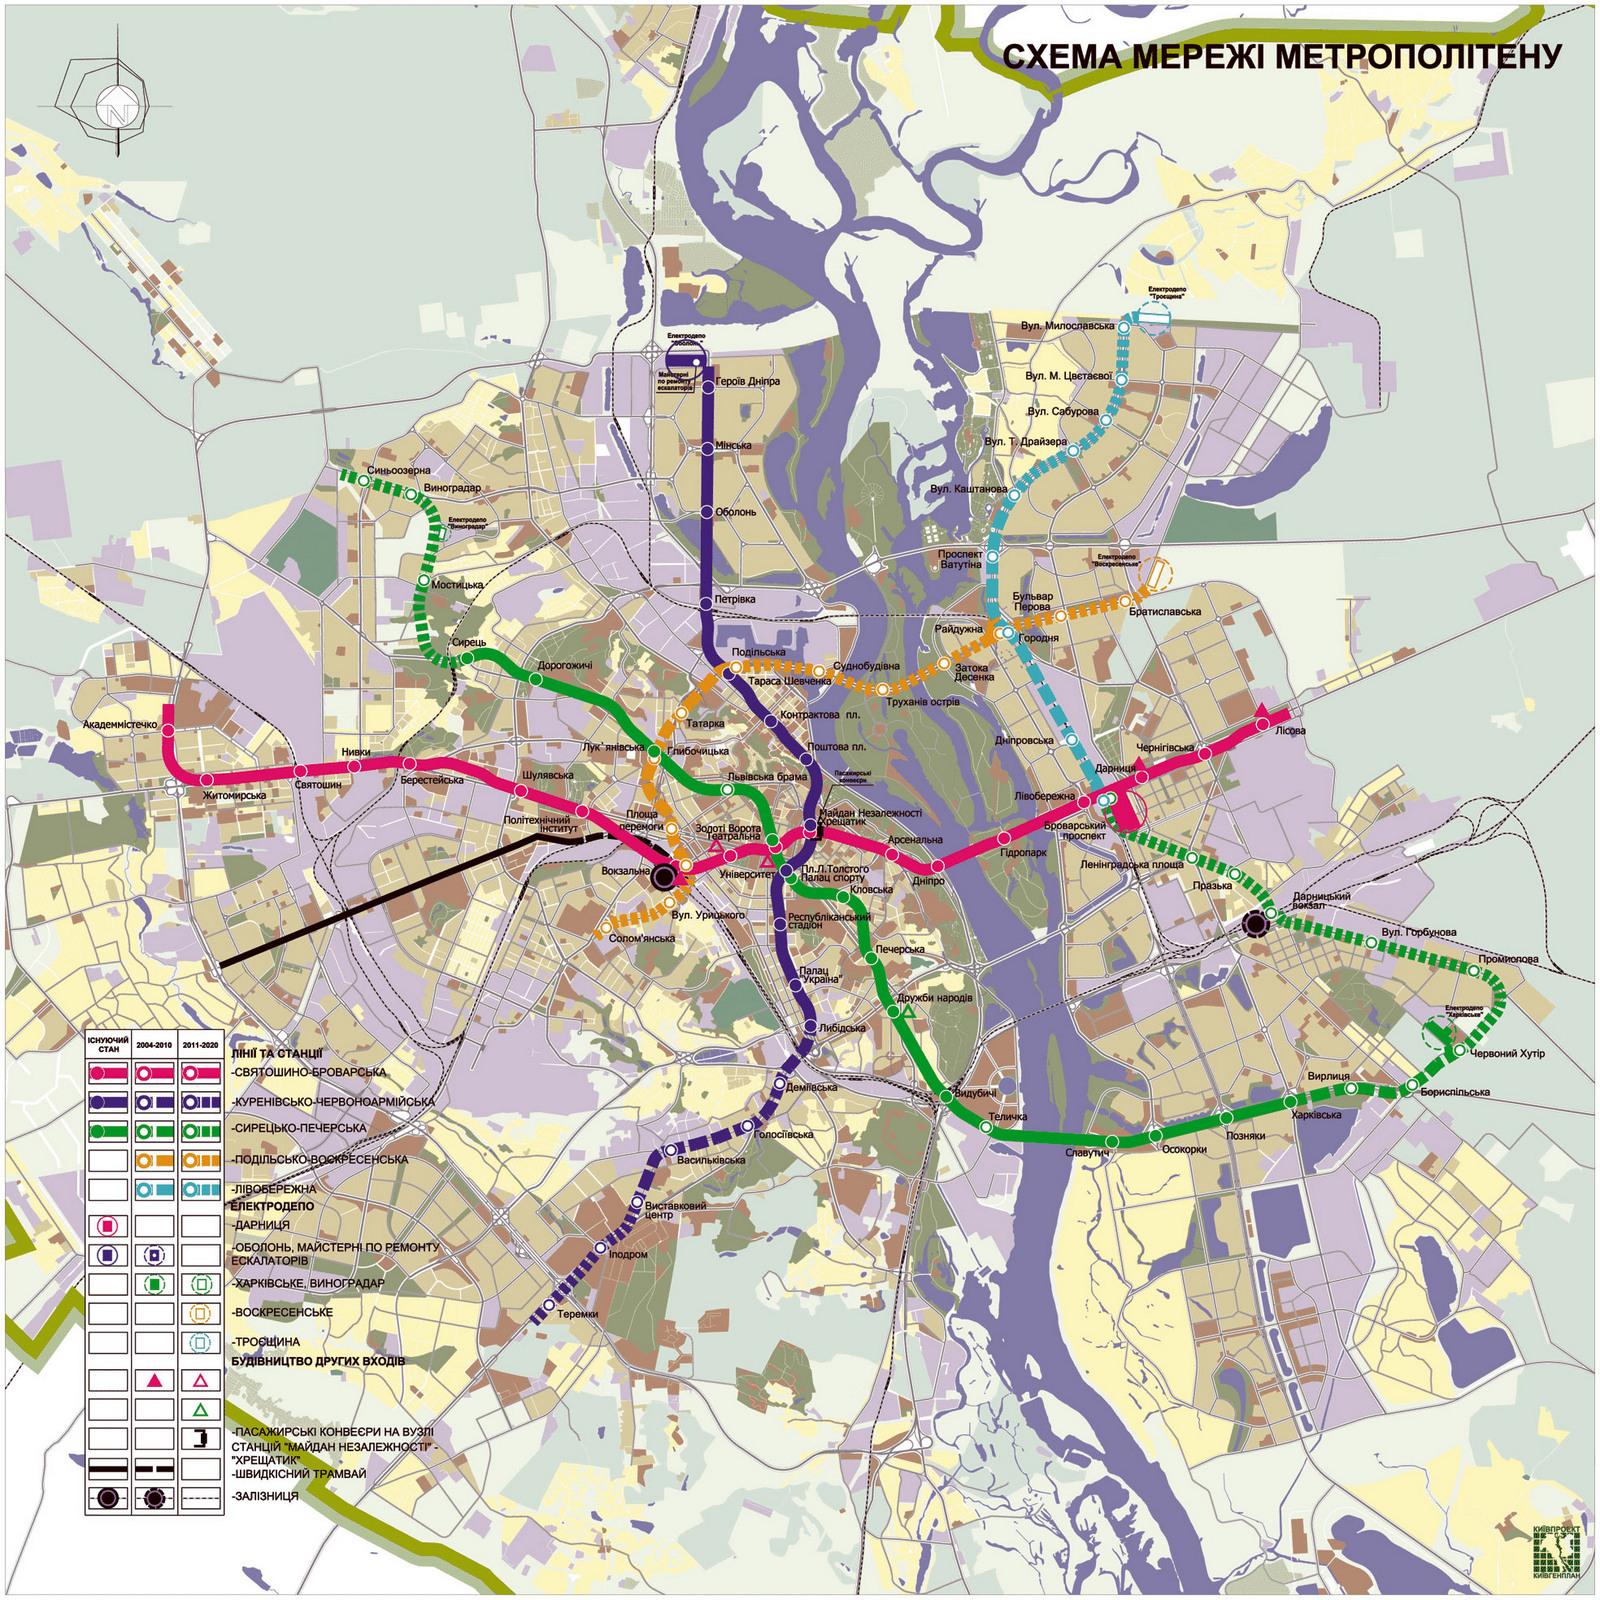 large-detailed-metro-map-of-kyiv-city-in-ukrainian.jpg